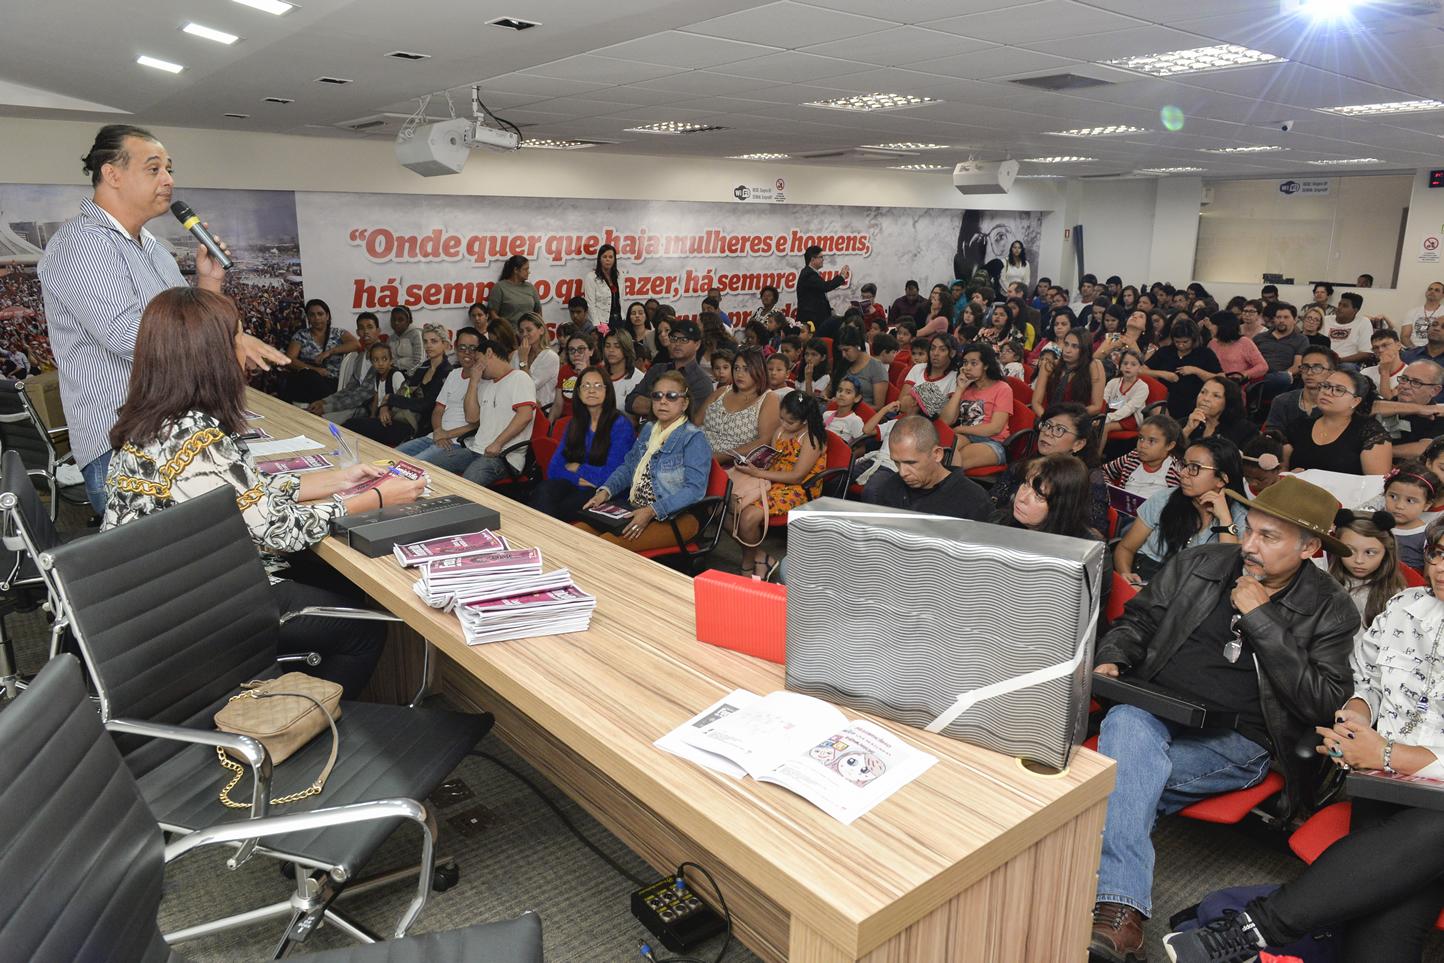 2019.05.16_PREMIACAO-DO-X-CONCURSO-DE-REDACAO_fotos-Deva-Garcia-7